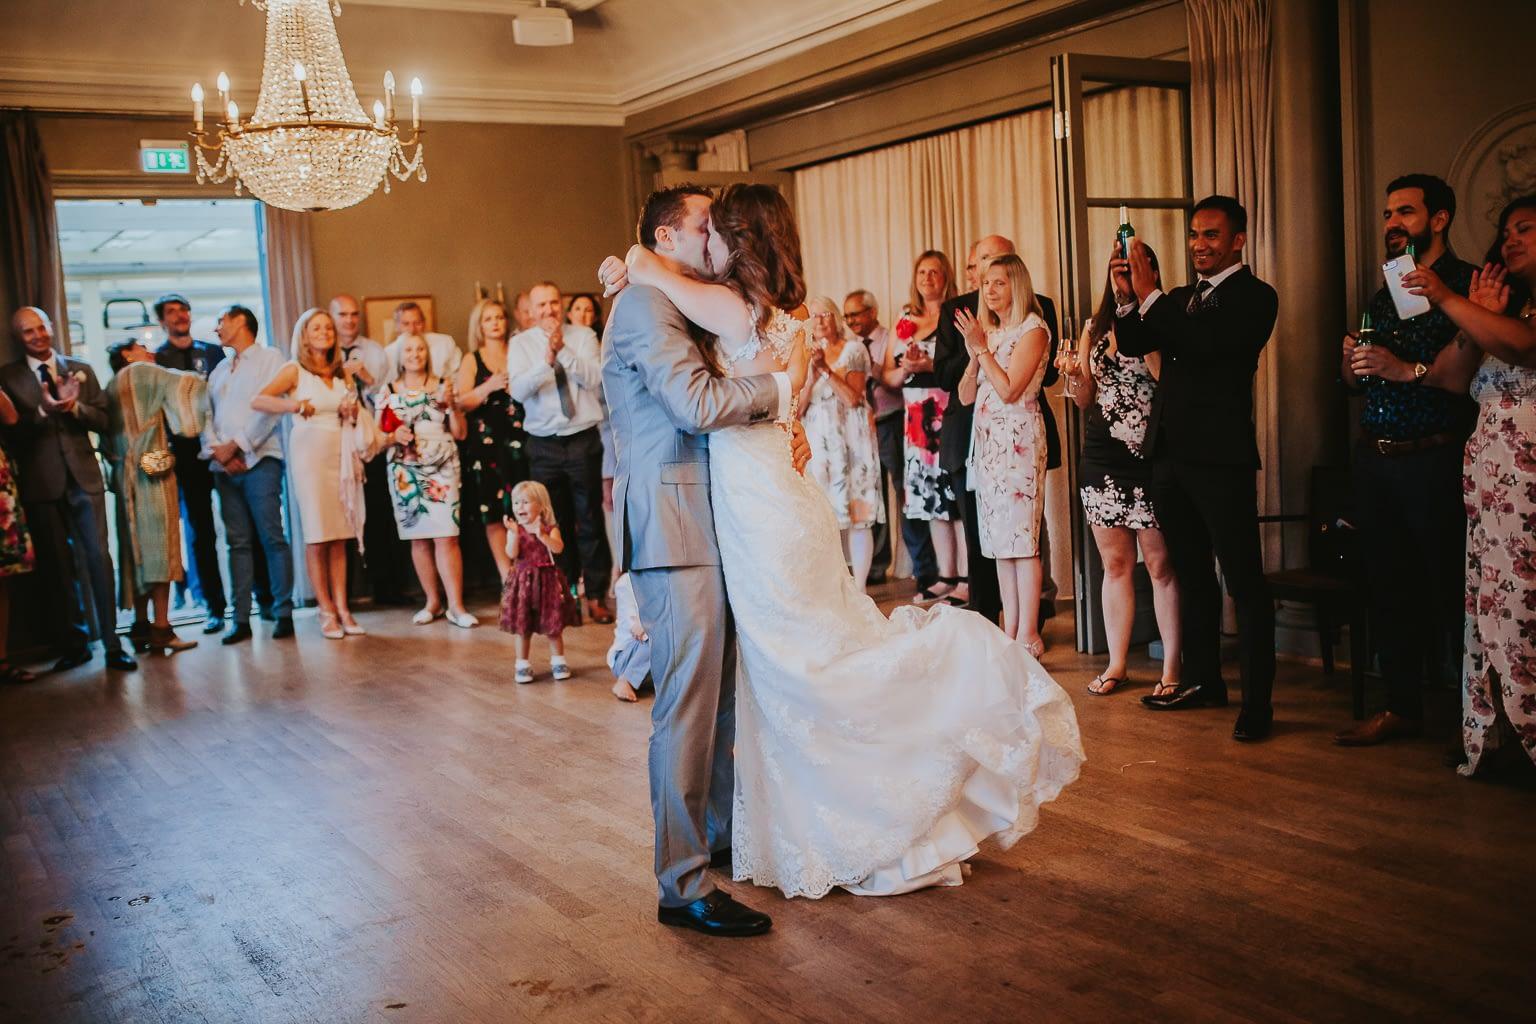 les jeunes mariés dansent pour la première fois pendant la fête